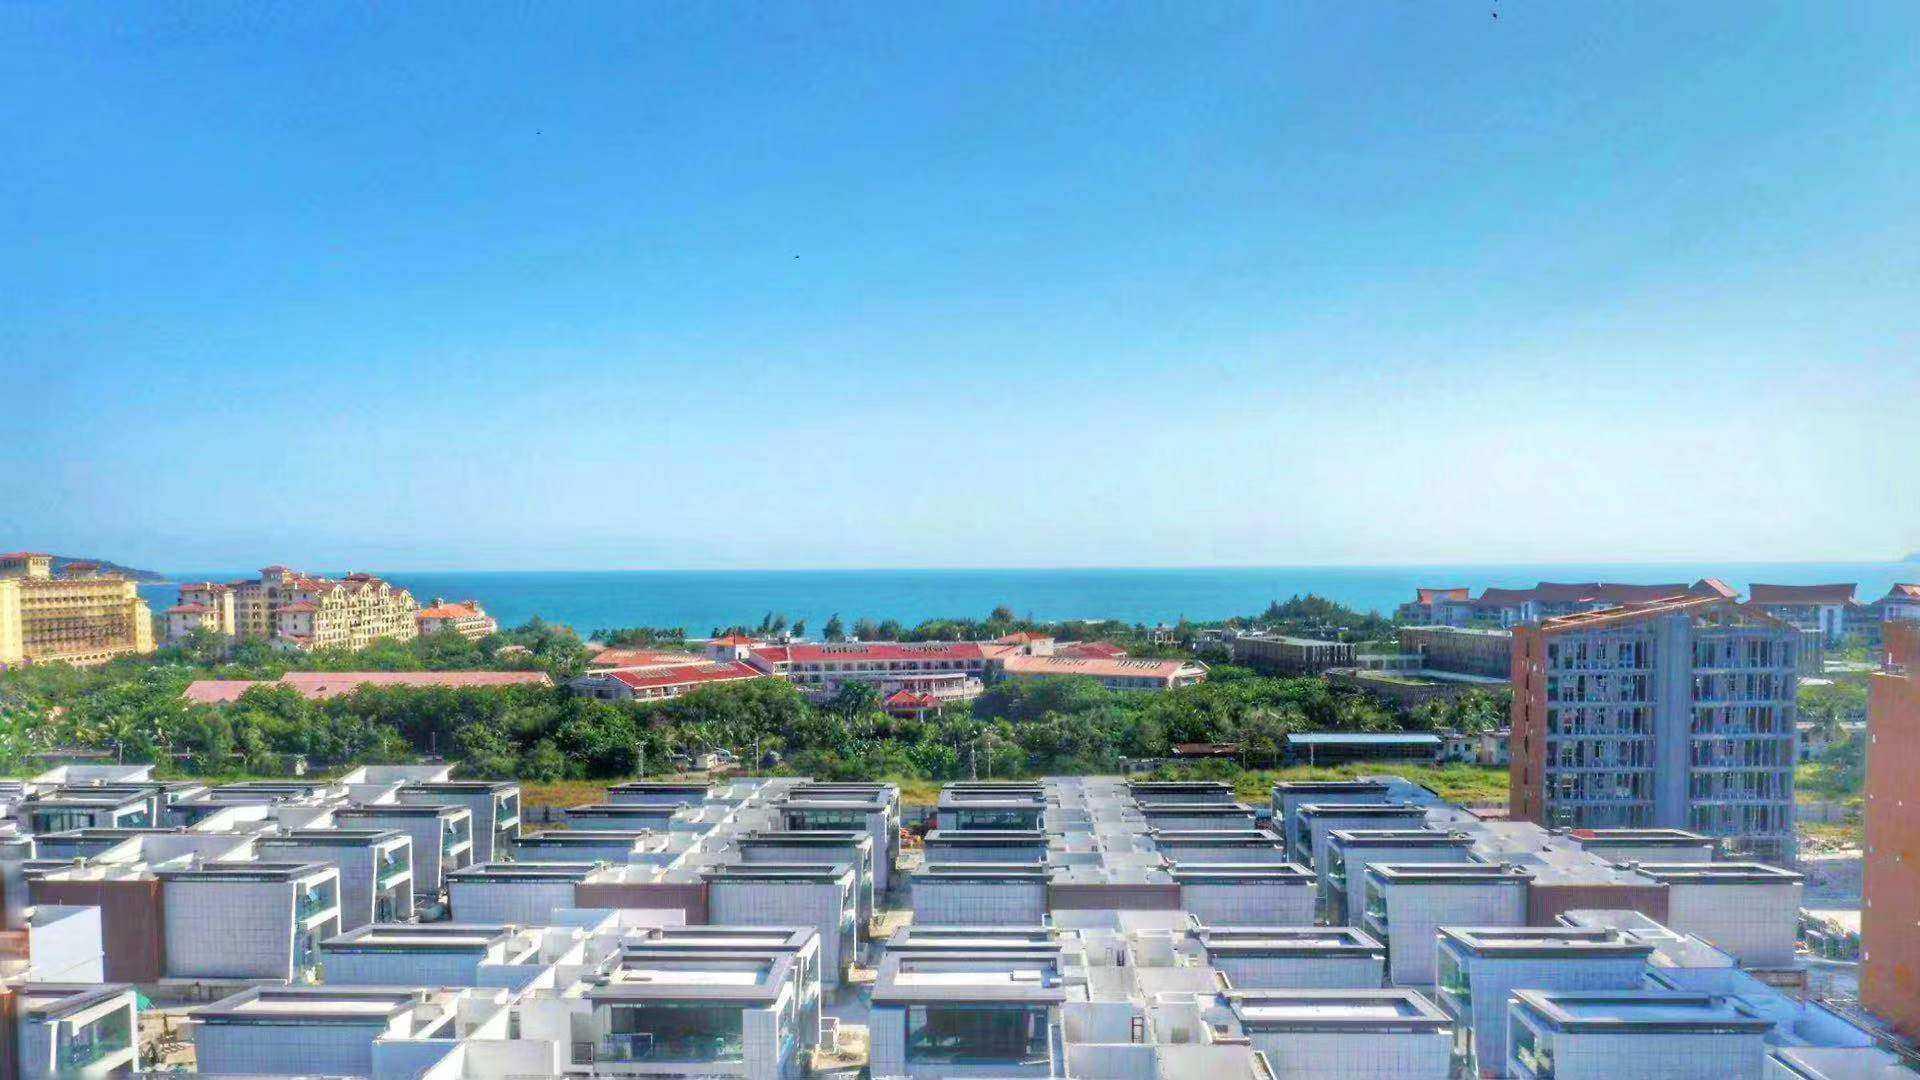 三亚 国广海棠湾瞰山观海的滨海人居,享惬意生活,均价32000元/㎡